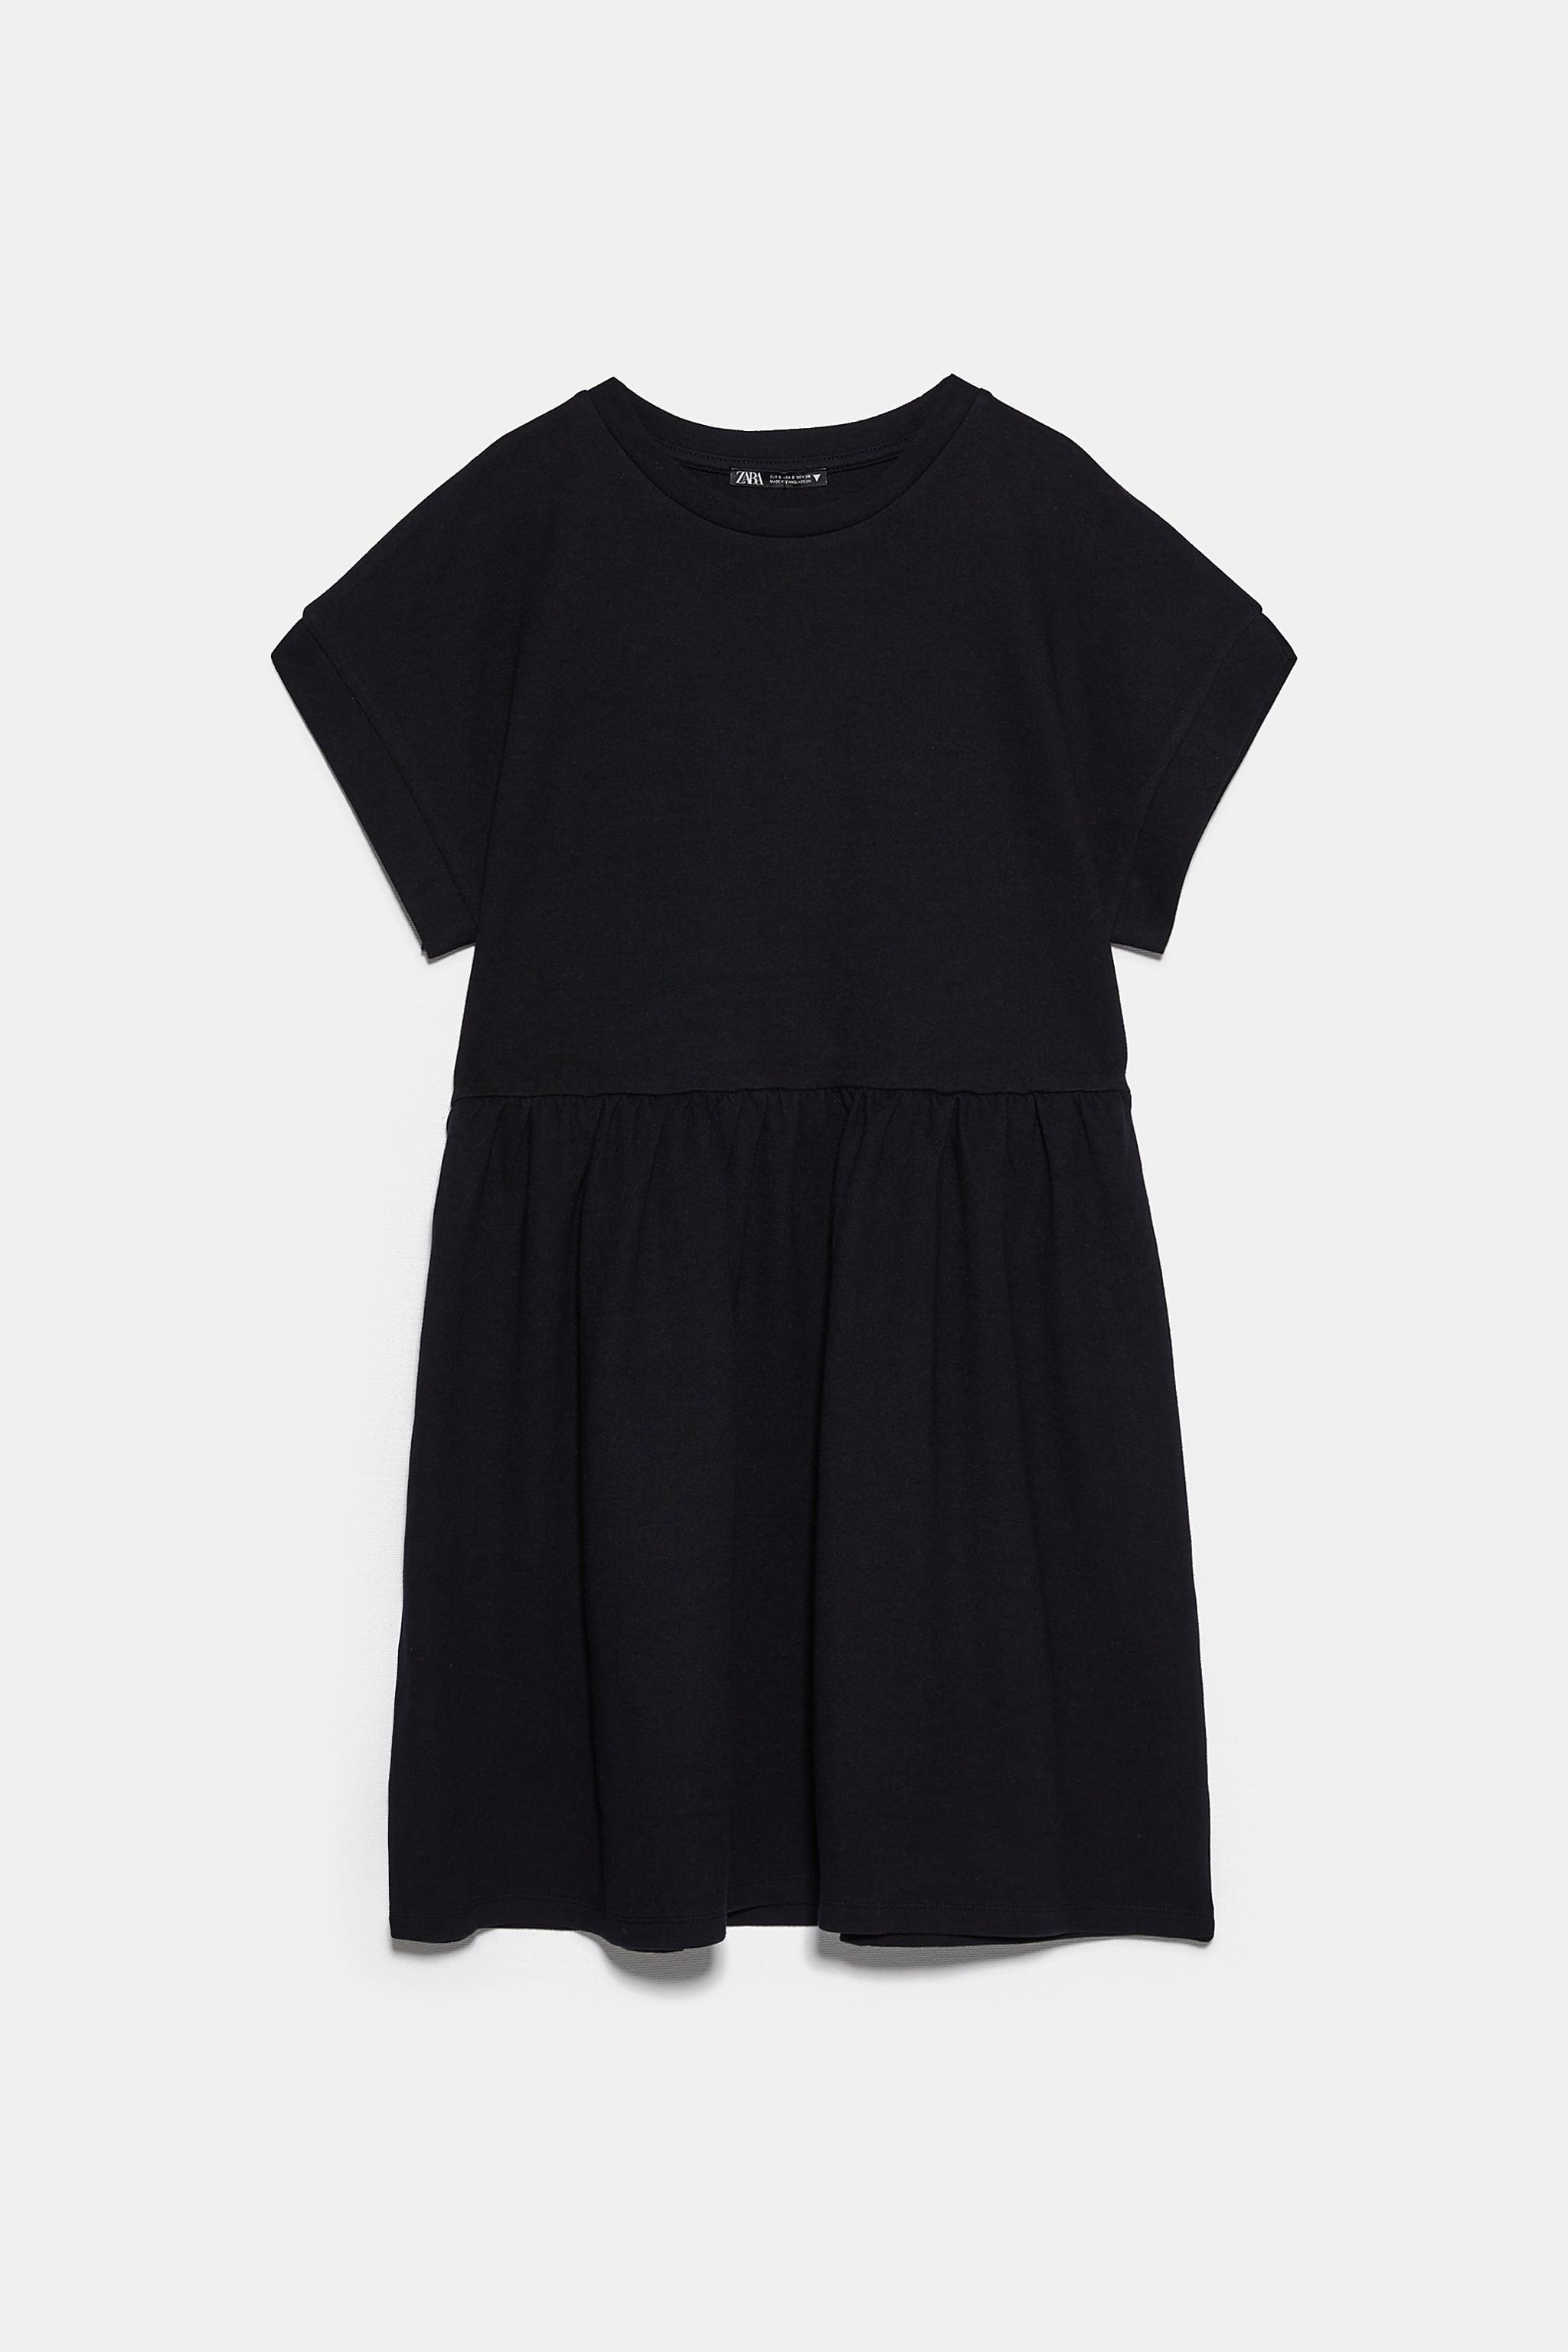 Zara: mała czarna na wyprzedaży